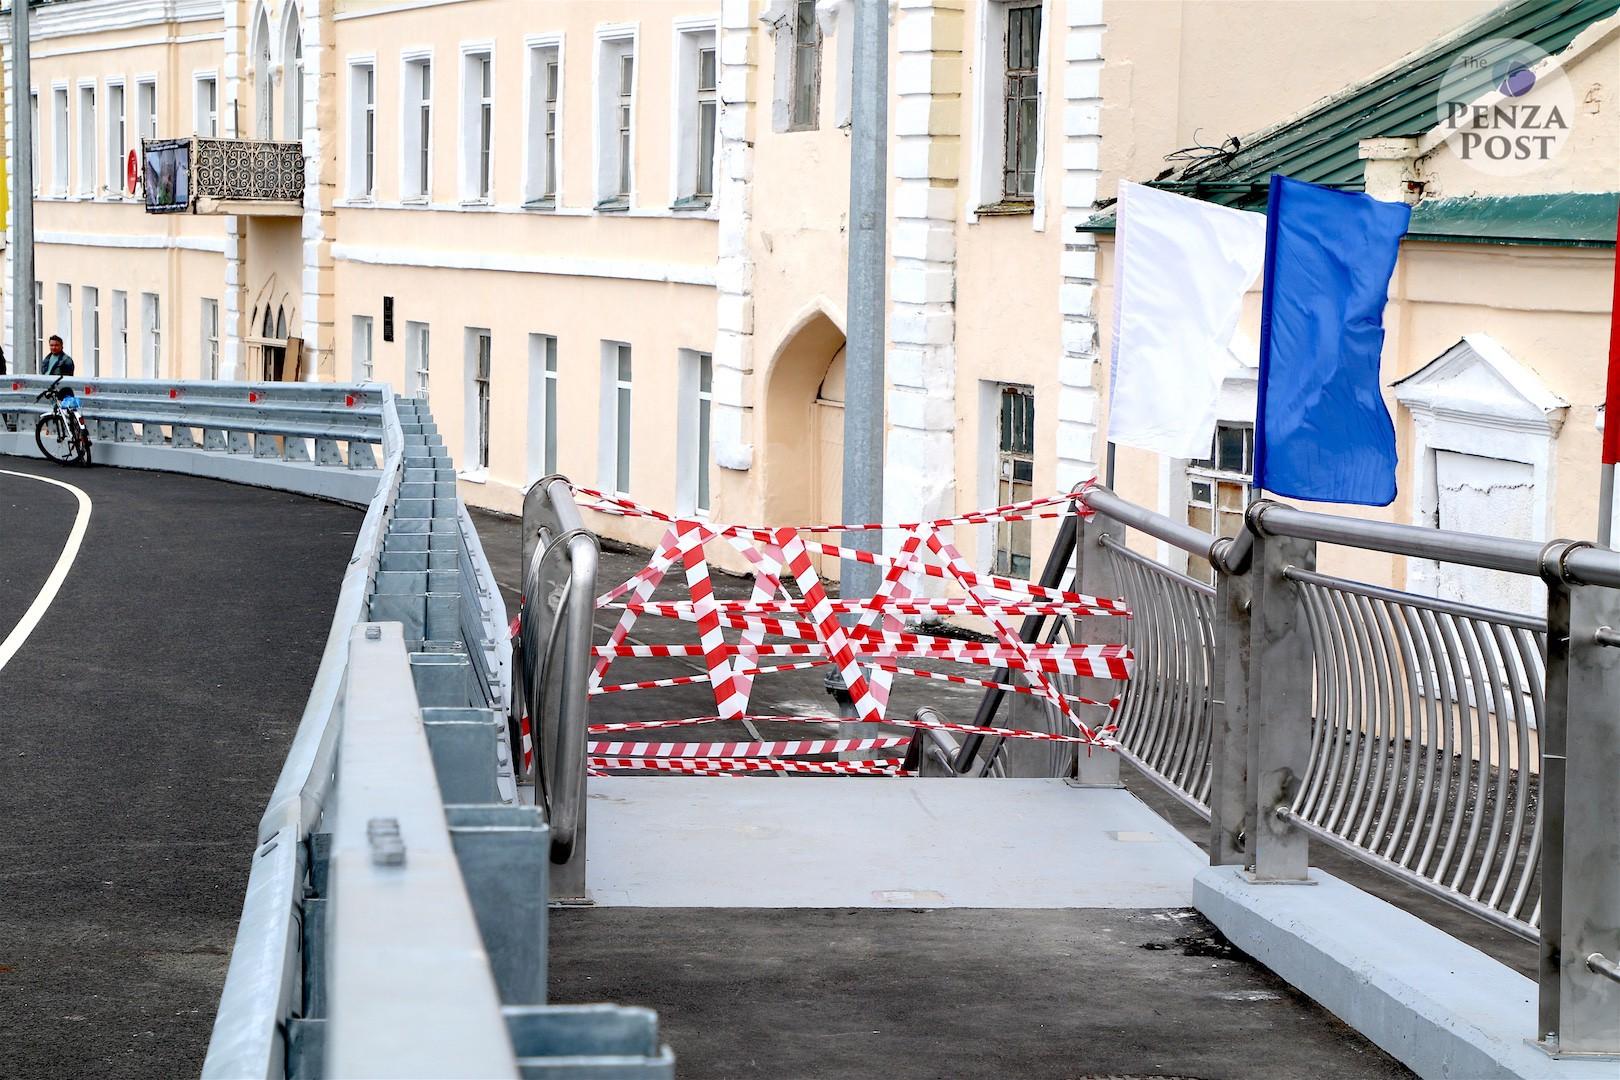 Бакунинский мост в Пензе открыт, но Мельниченко придется вложить еще более миллиарда в устранение косяка прежней власти